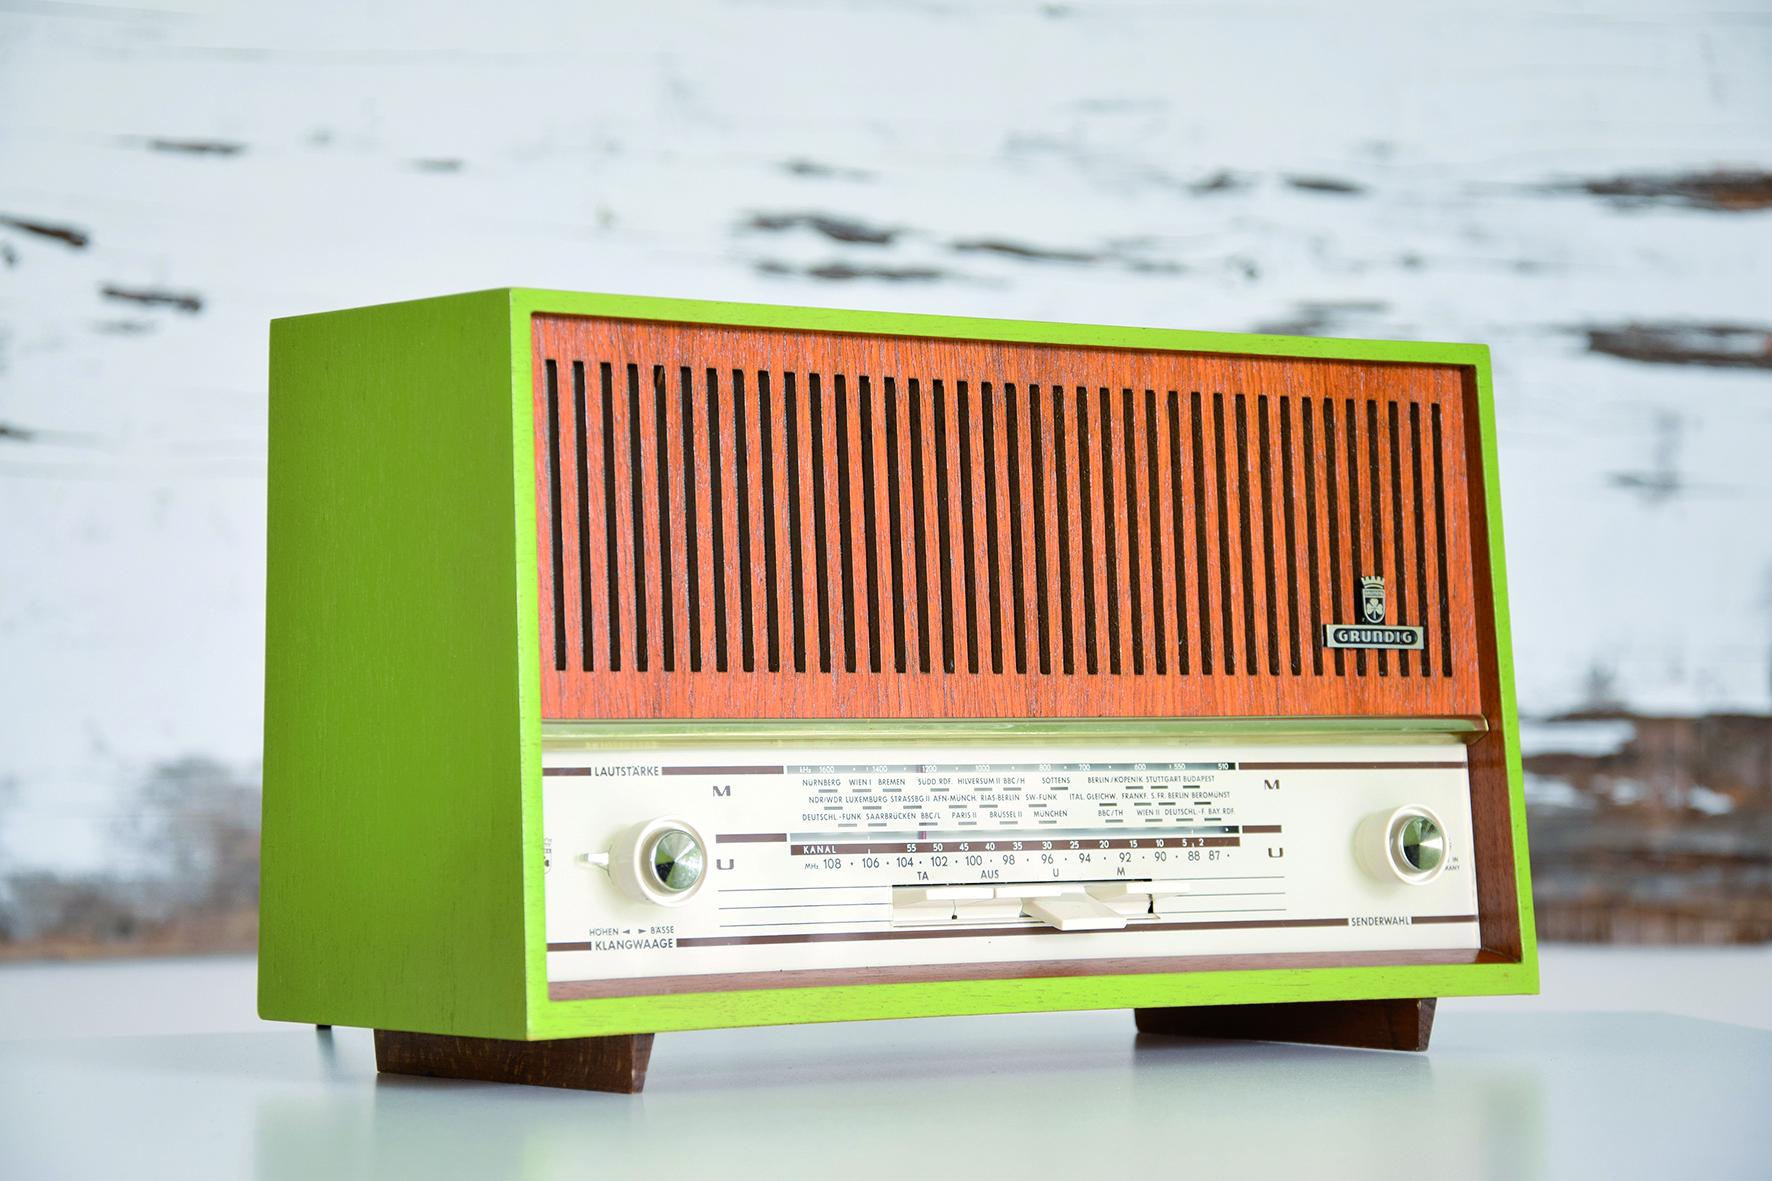 Röhrenradio Grundig aus der Vangerow-Manufaktur Reutlingen